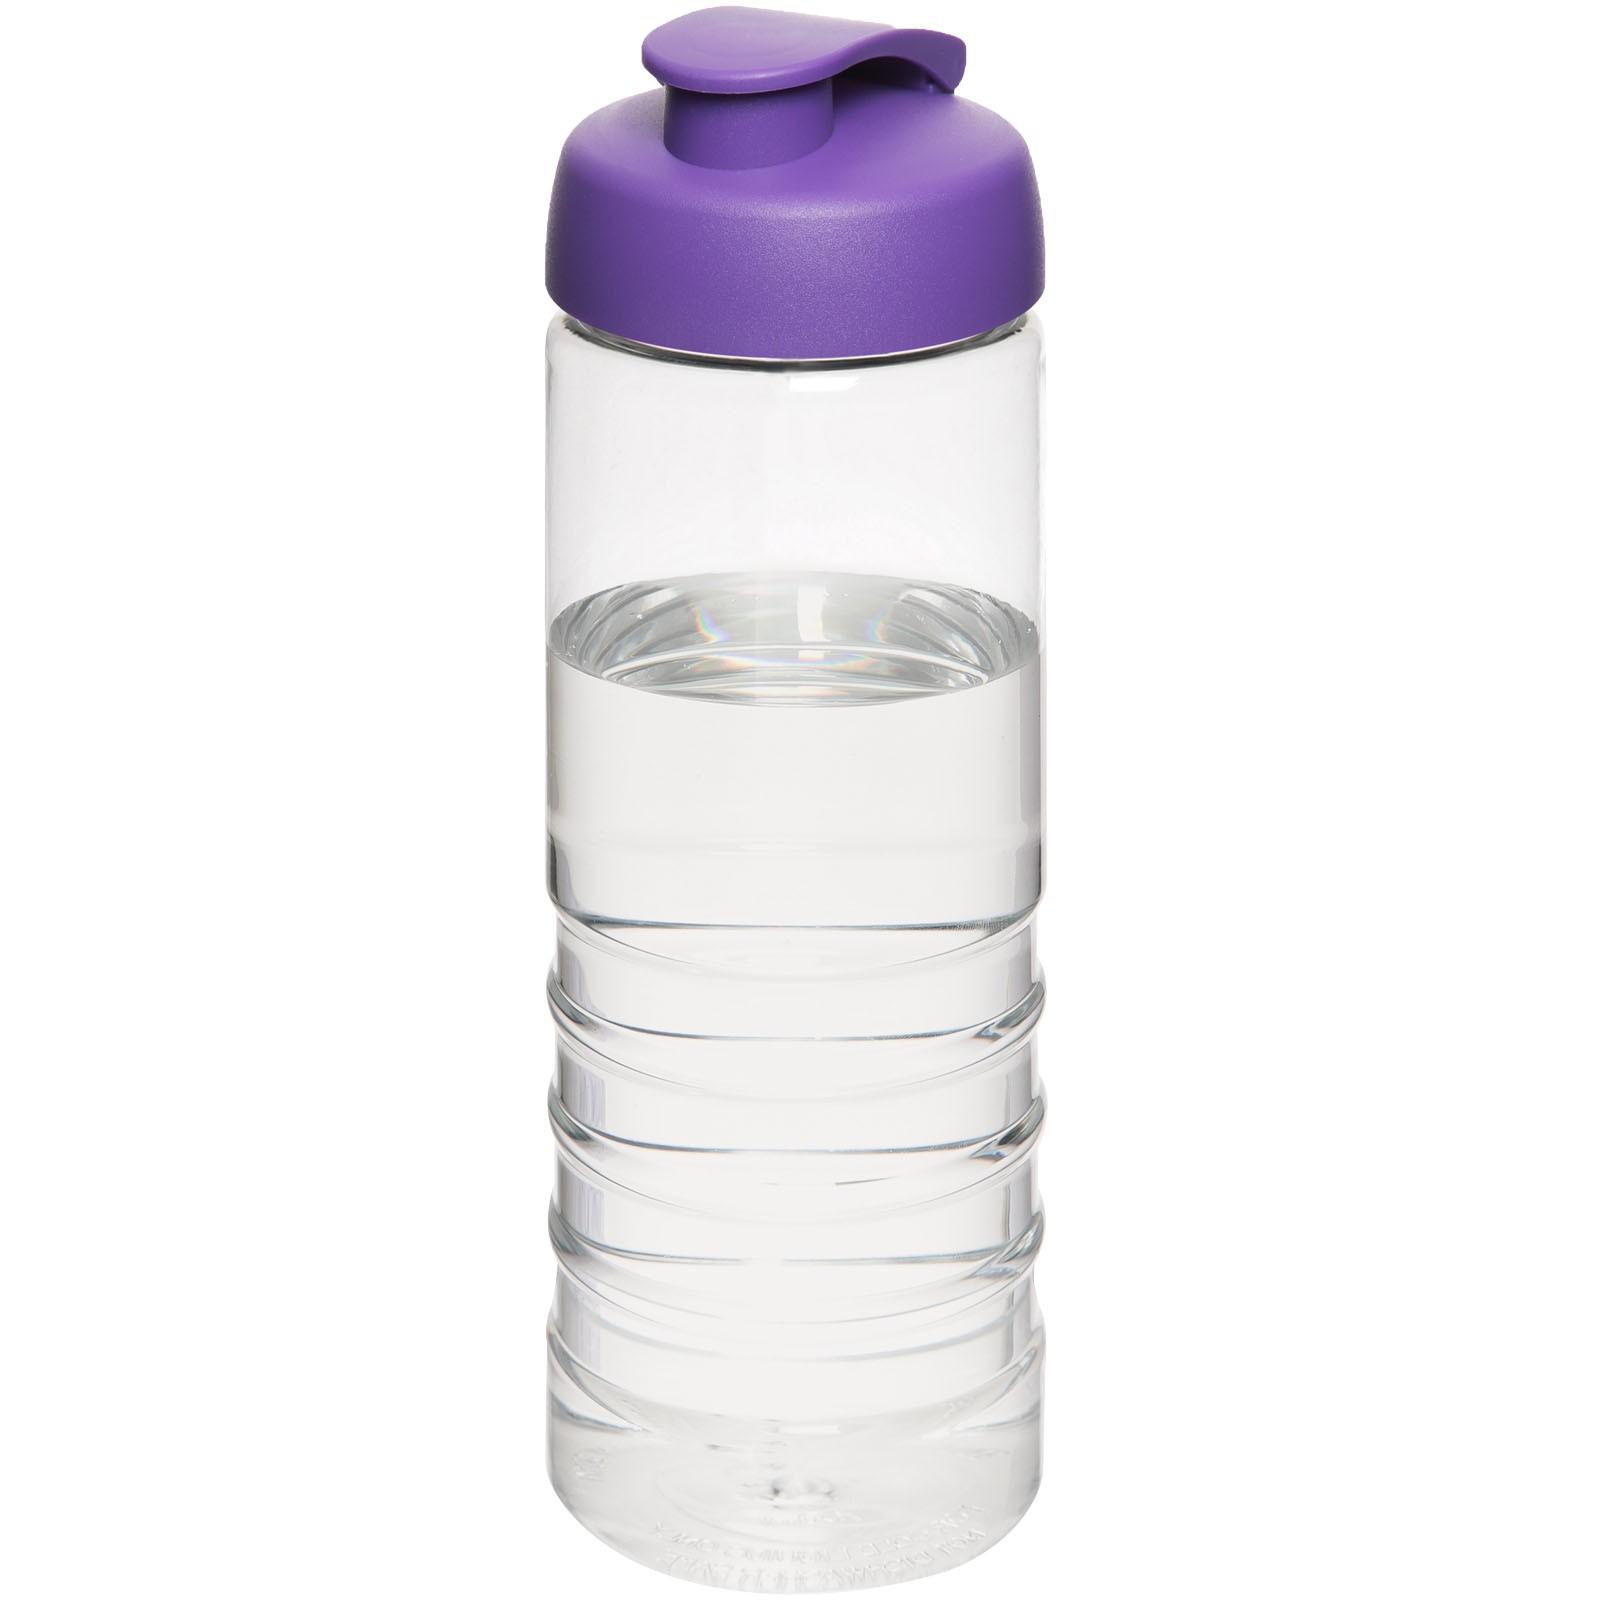 H2O Treble 750 ml sportovní lahev s vyklápěcím víčkem - Průhledná / Purpurová